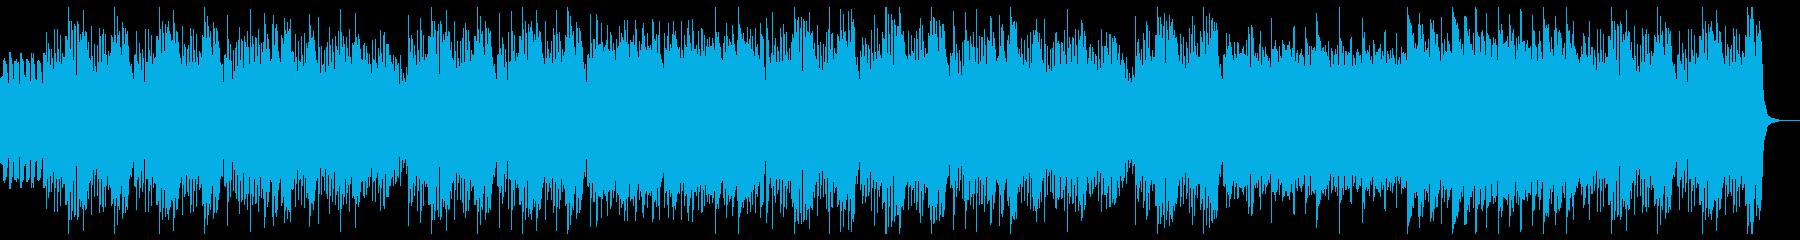 明るく楽しいキッズピアノ:ピアノと弦のみの再生済みの波形